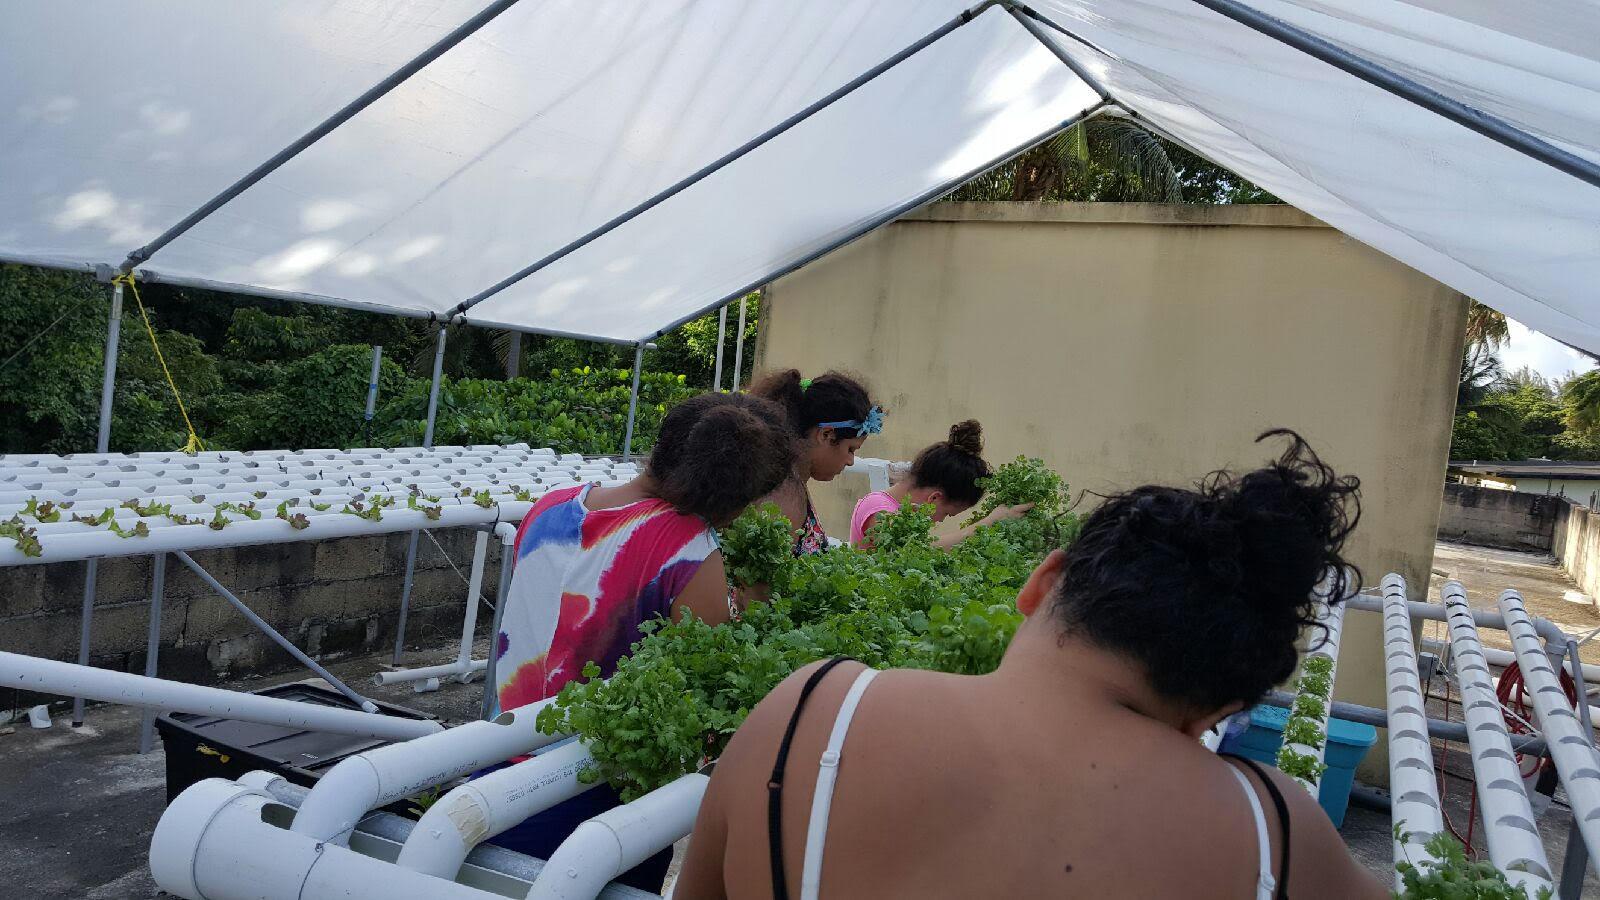 Dorado-Puerto-Rico-plants-1